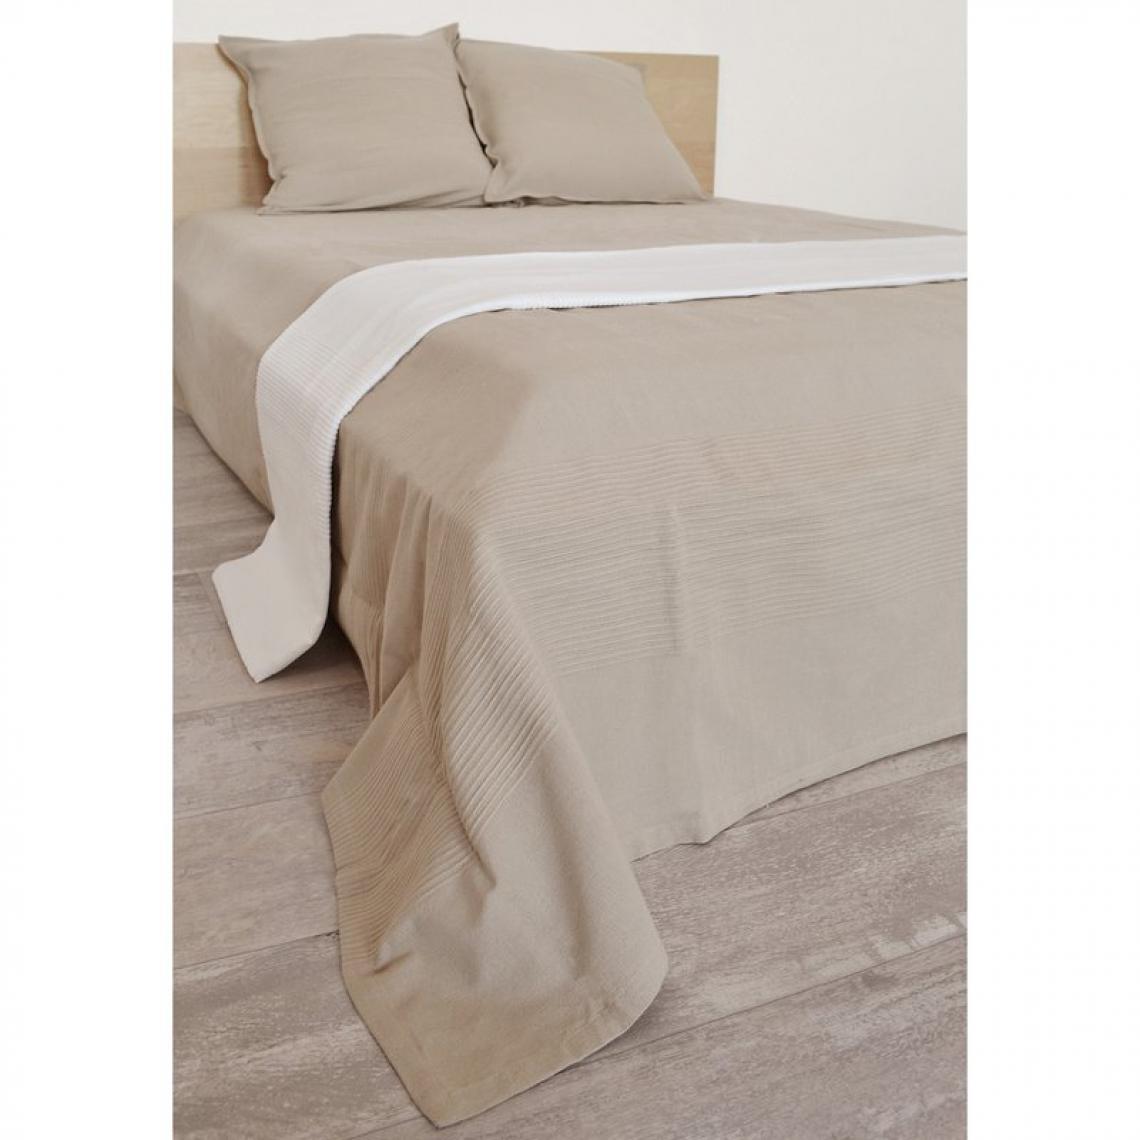 parure couvre lit 1 ou 2 personnes 300 gr m2 ottoman 3suisses. Black Bedroom Furniture Sets. Home Design Ideas